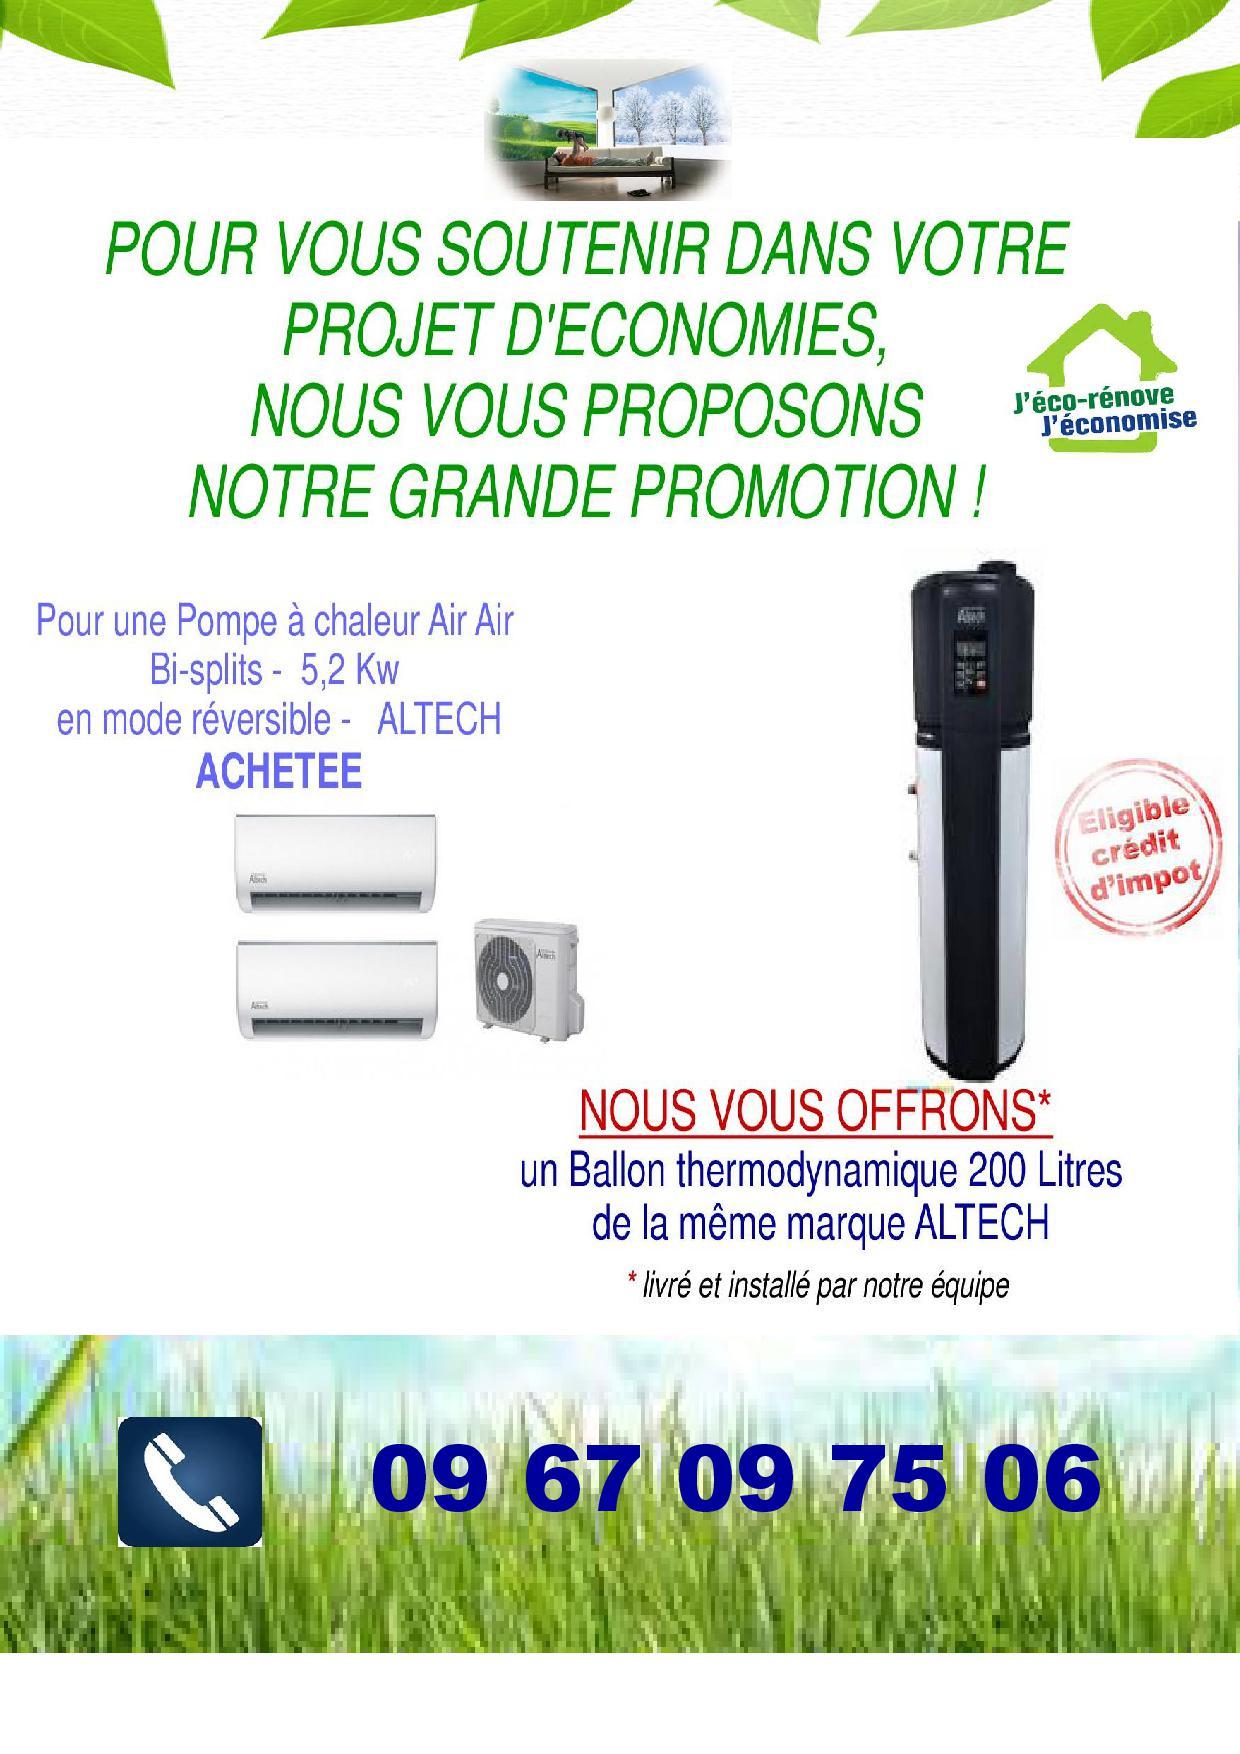 promotion tarif r duction pas cher pac lot et garonne aquitaine hydro. Black Bedroom Furniture Sets. Home Design Ideas